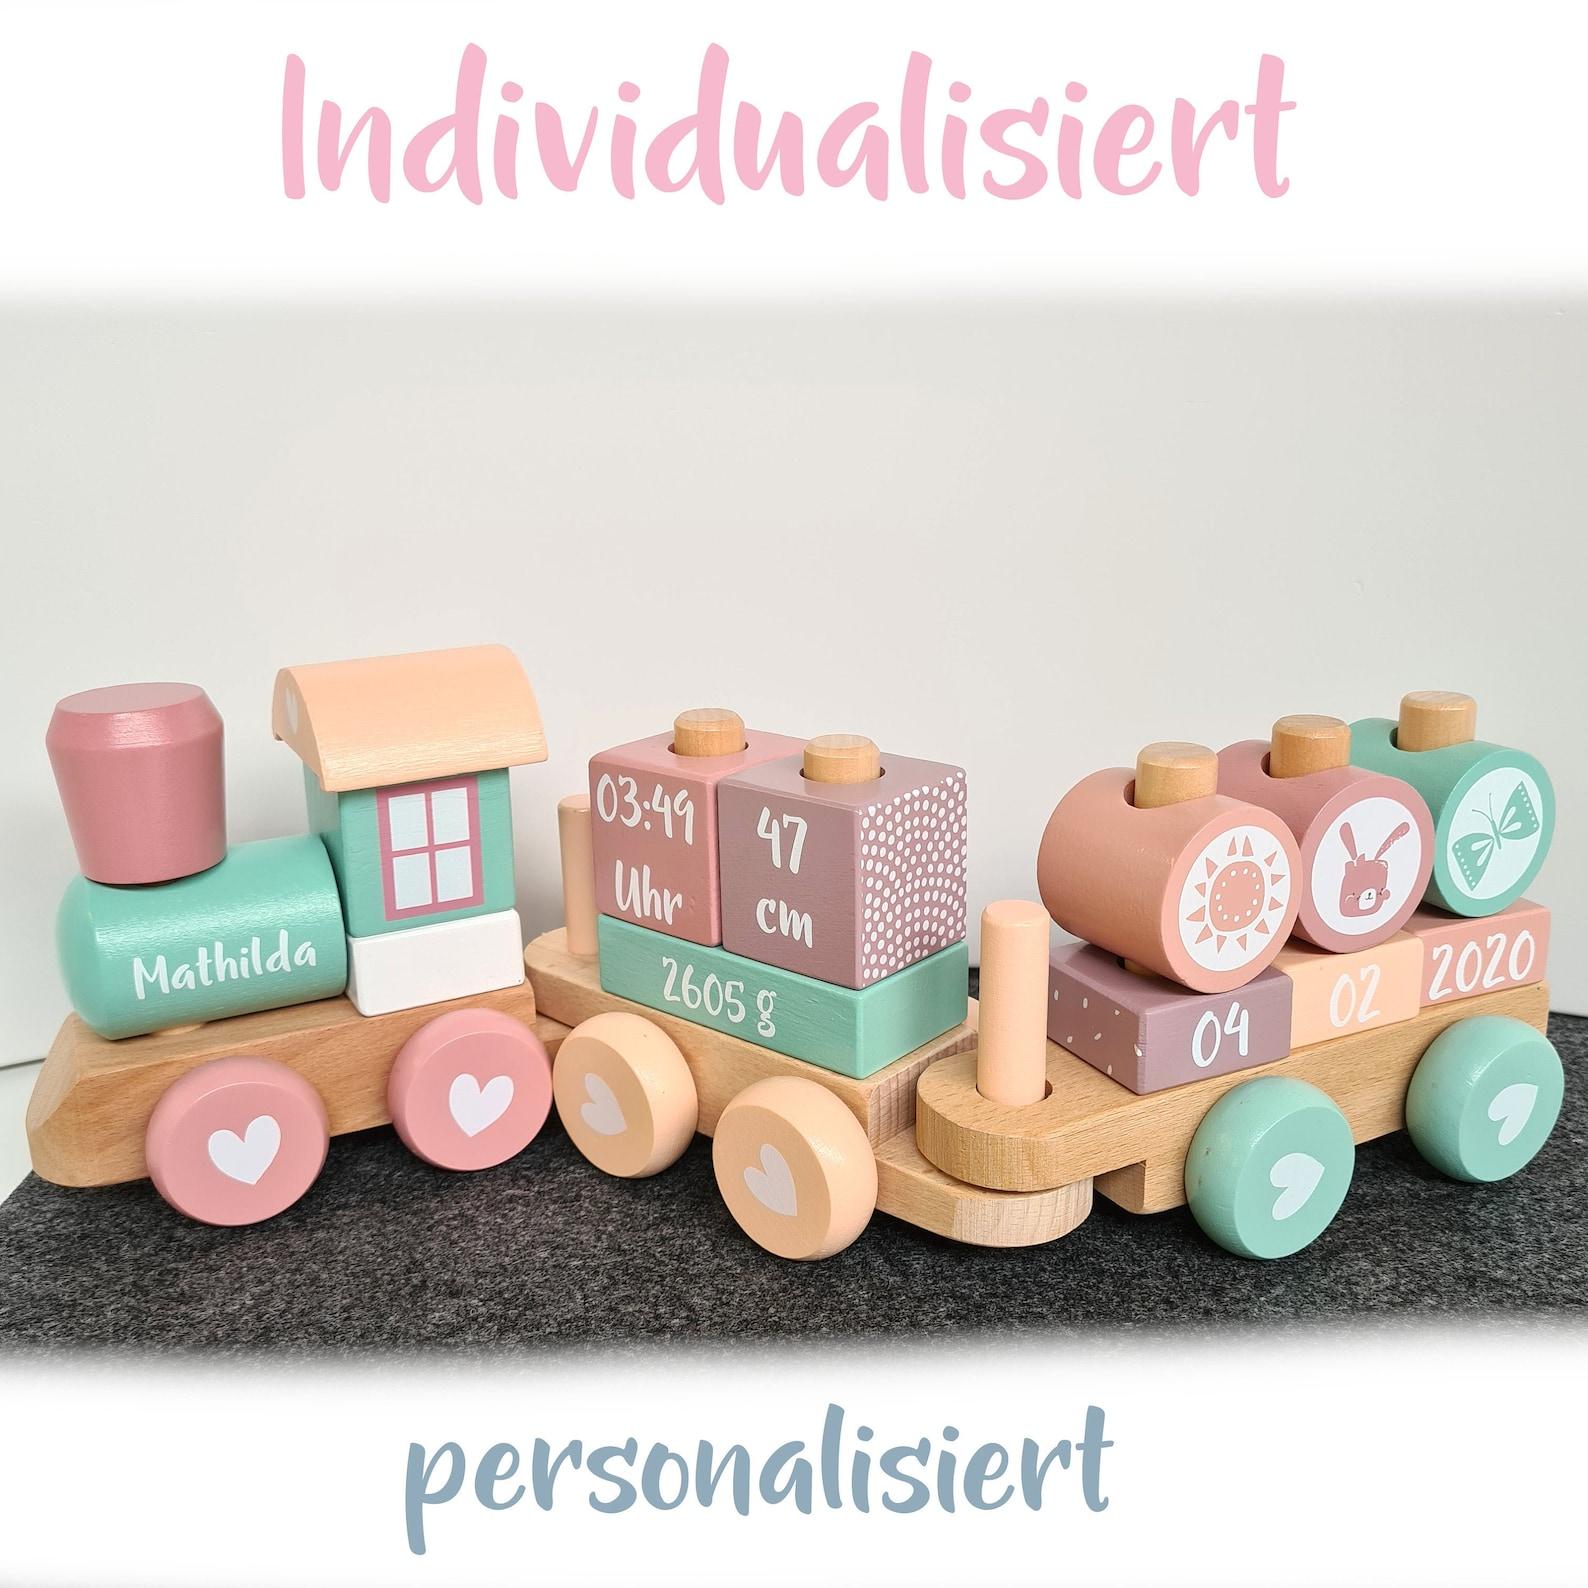 Personalisierter Zug SchmatzepufferKids